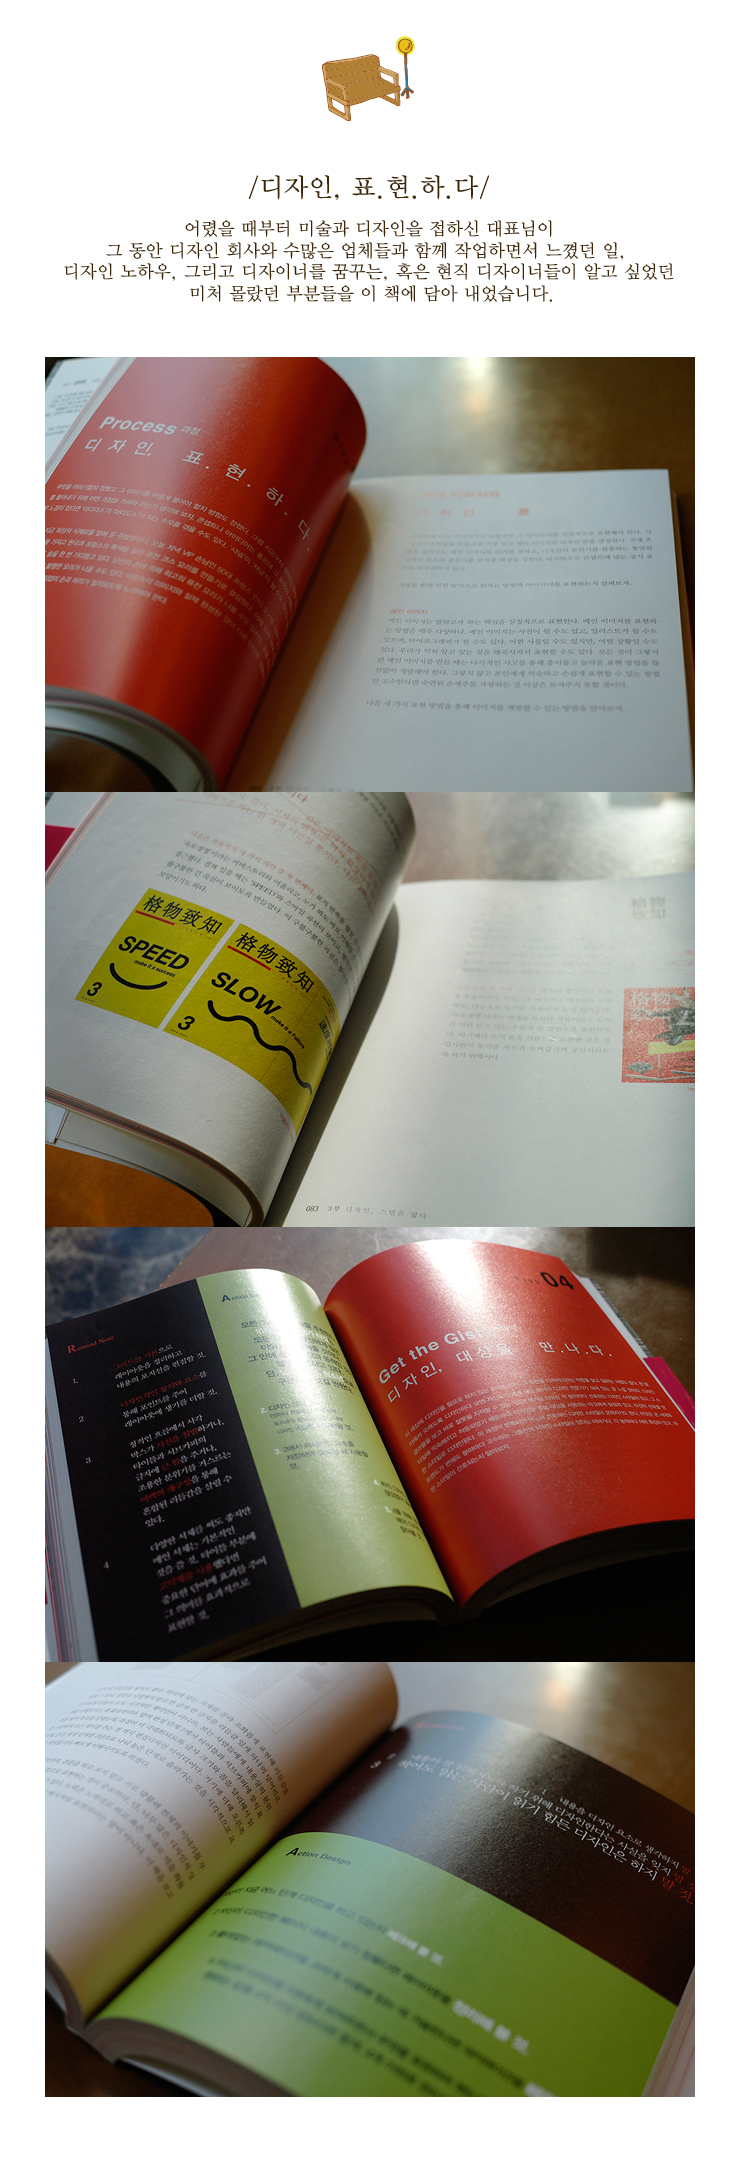 BOOK_02.jpg